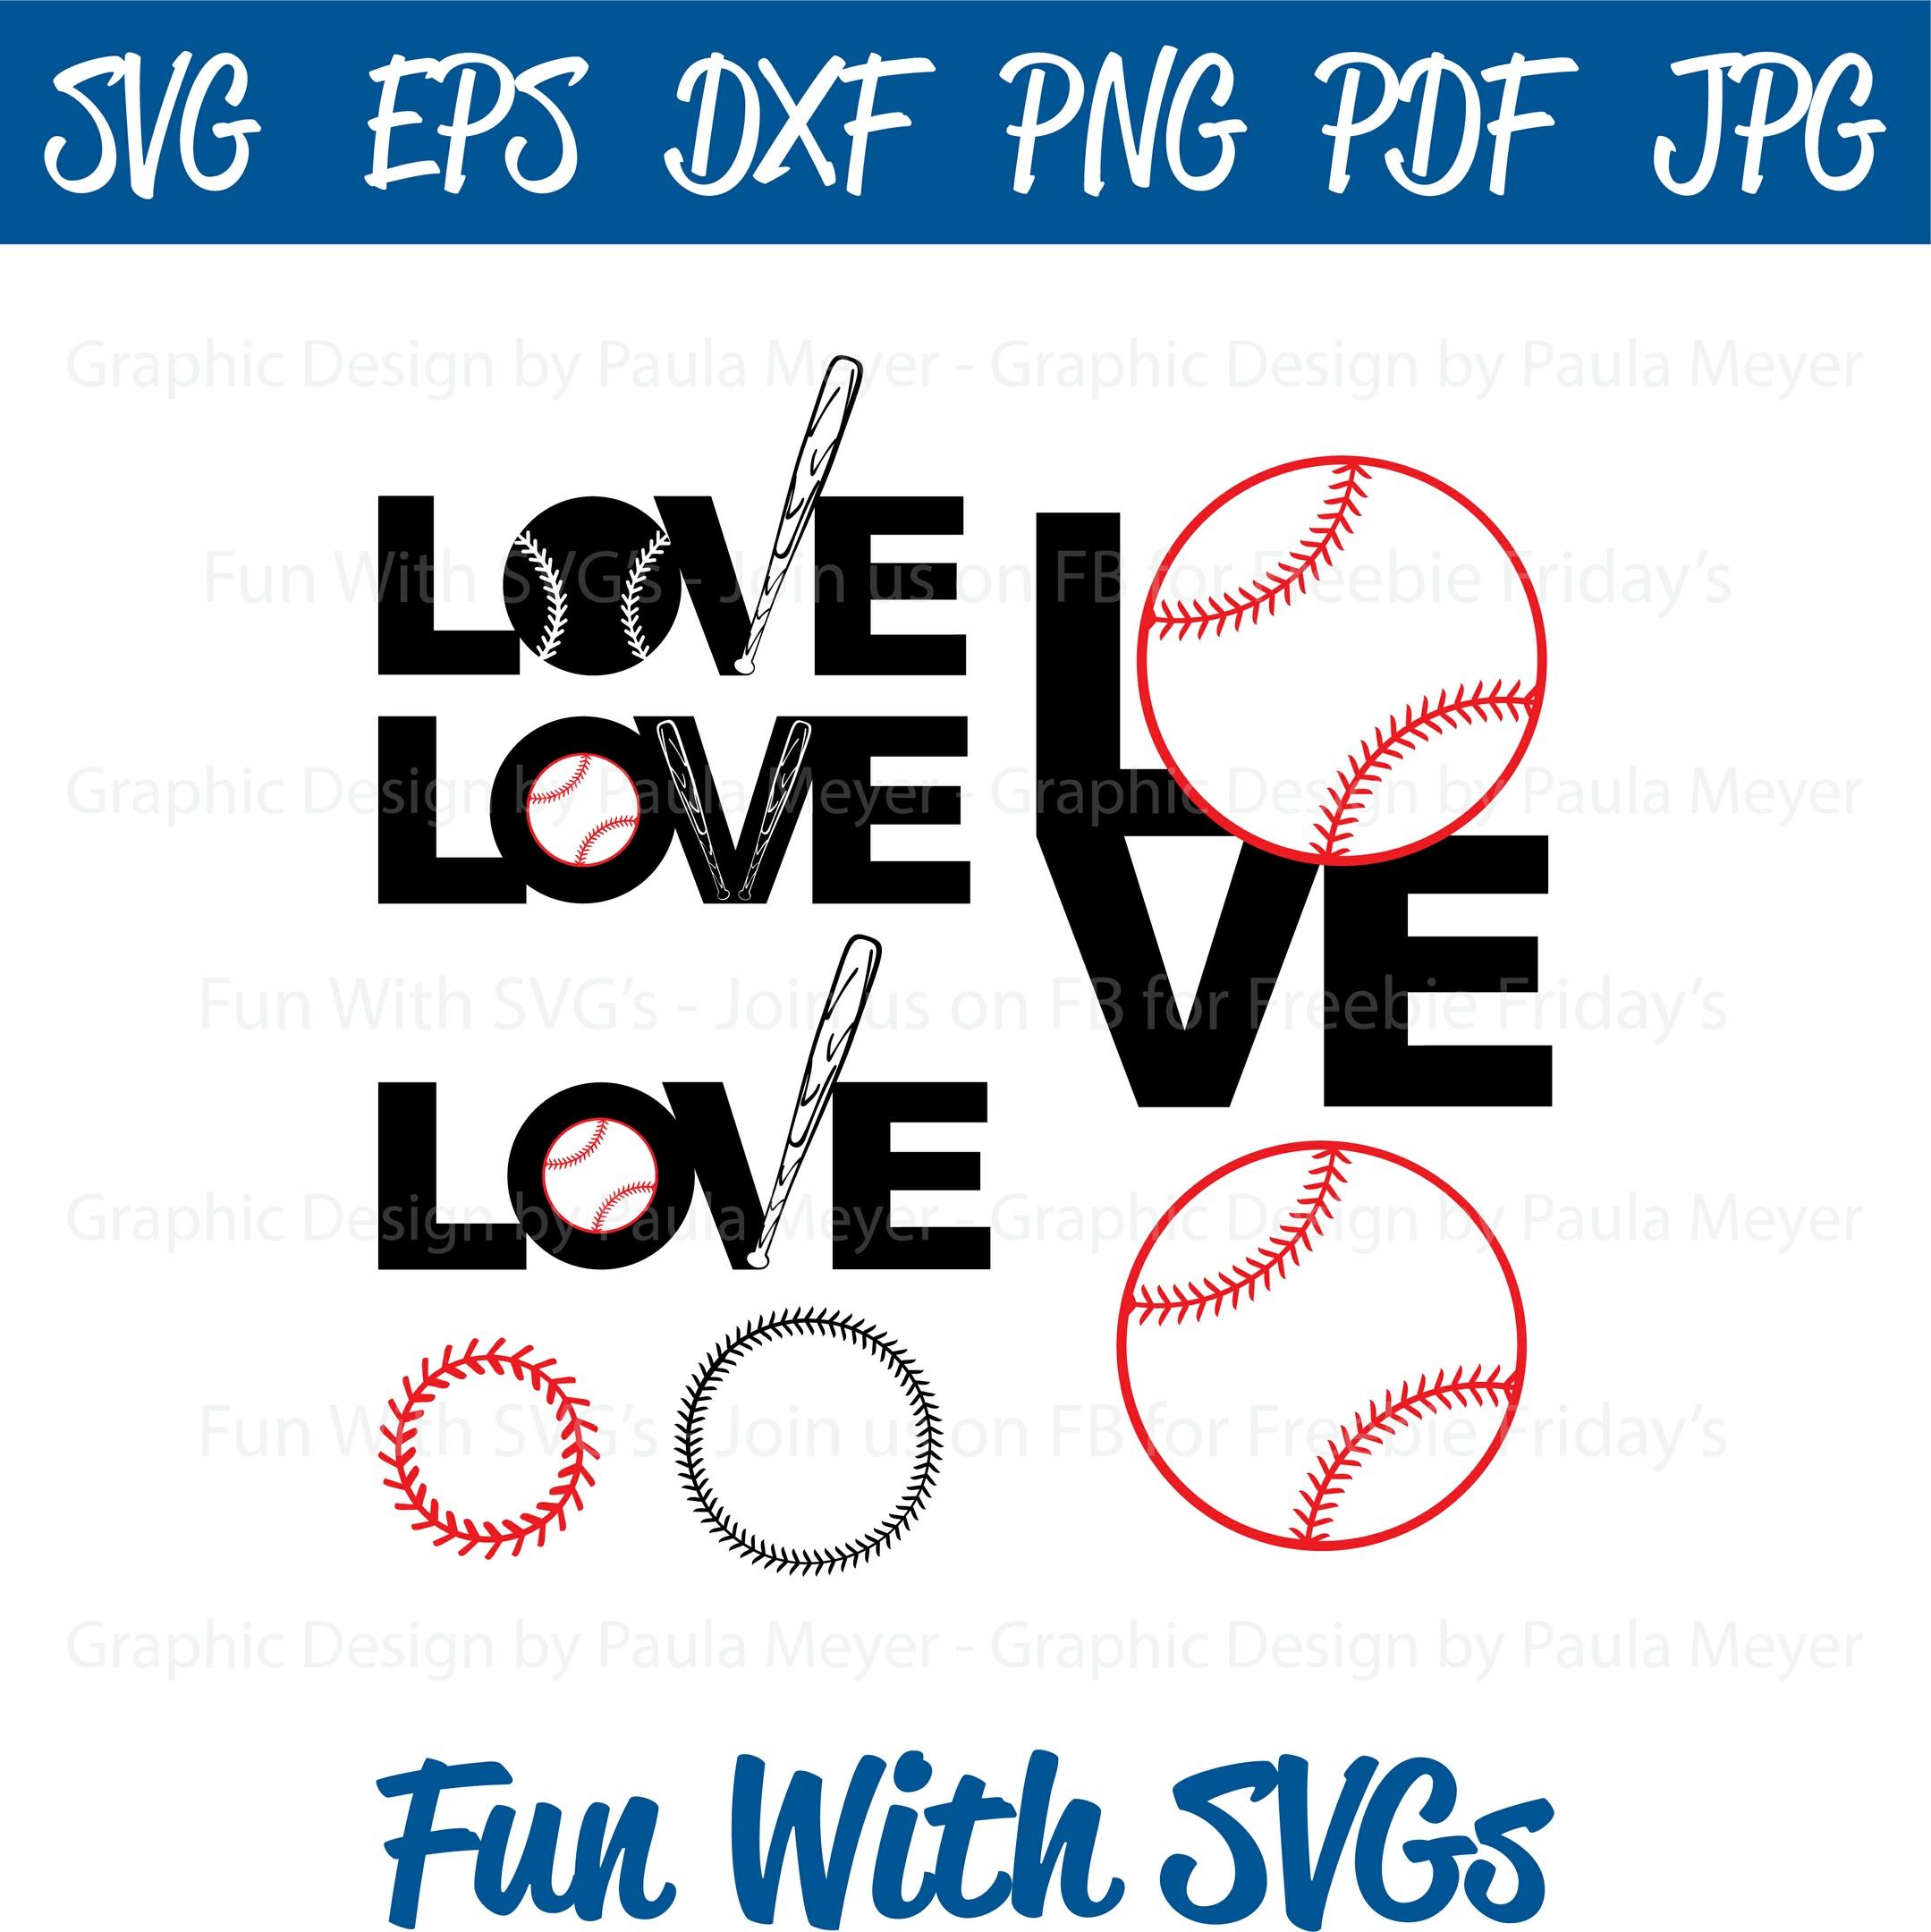 Love Baseball - SVG Cut File, High Resolution Printable Graphics and Editable Vector Art